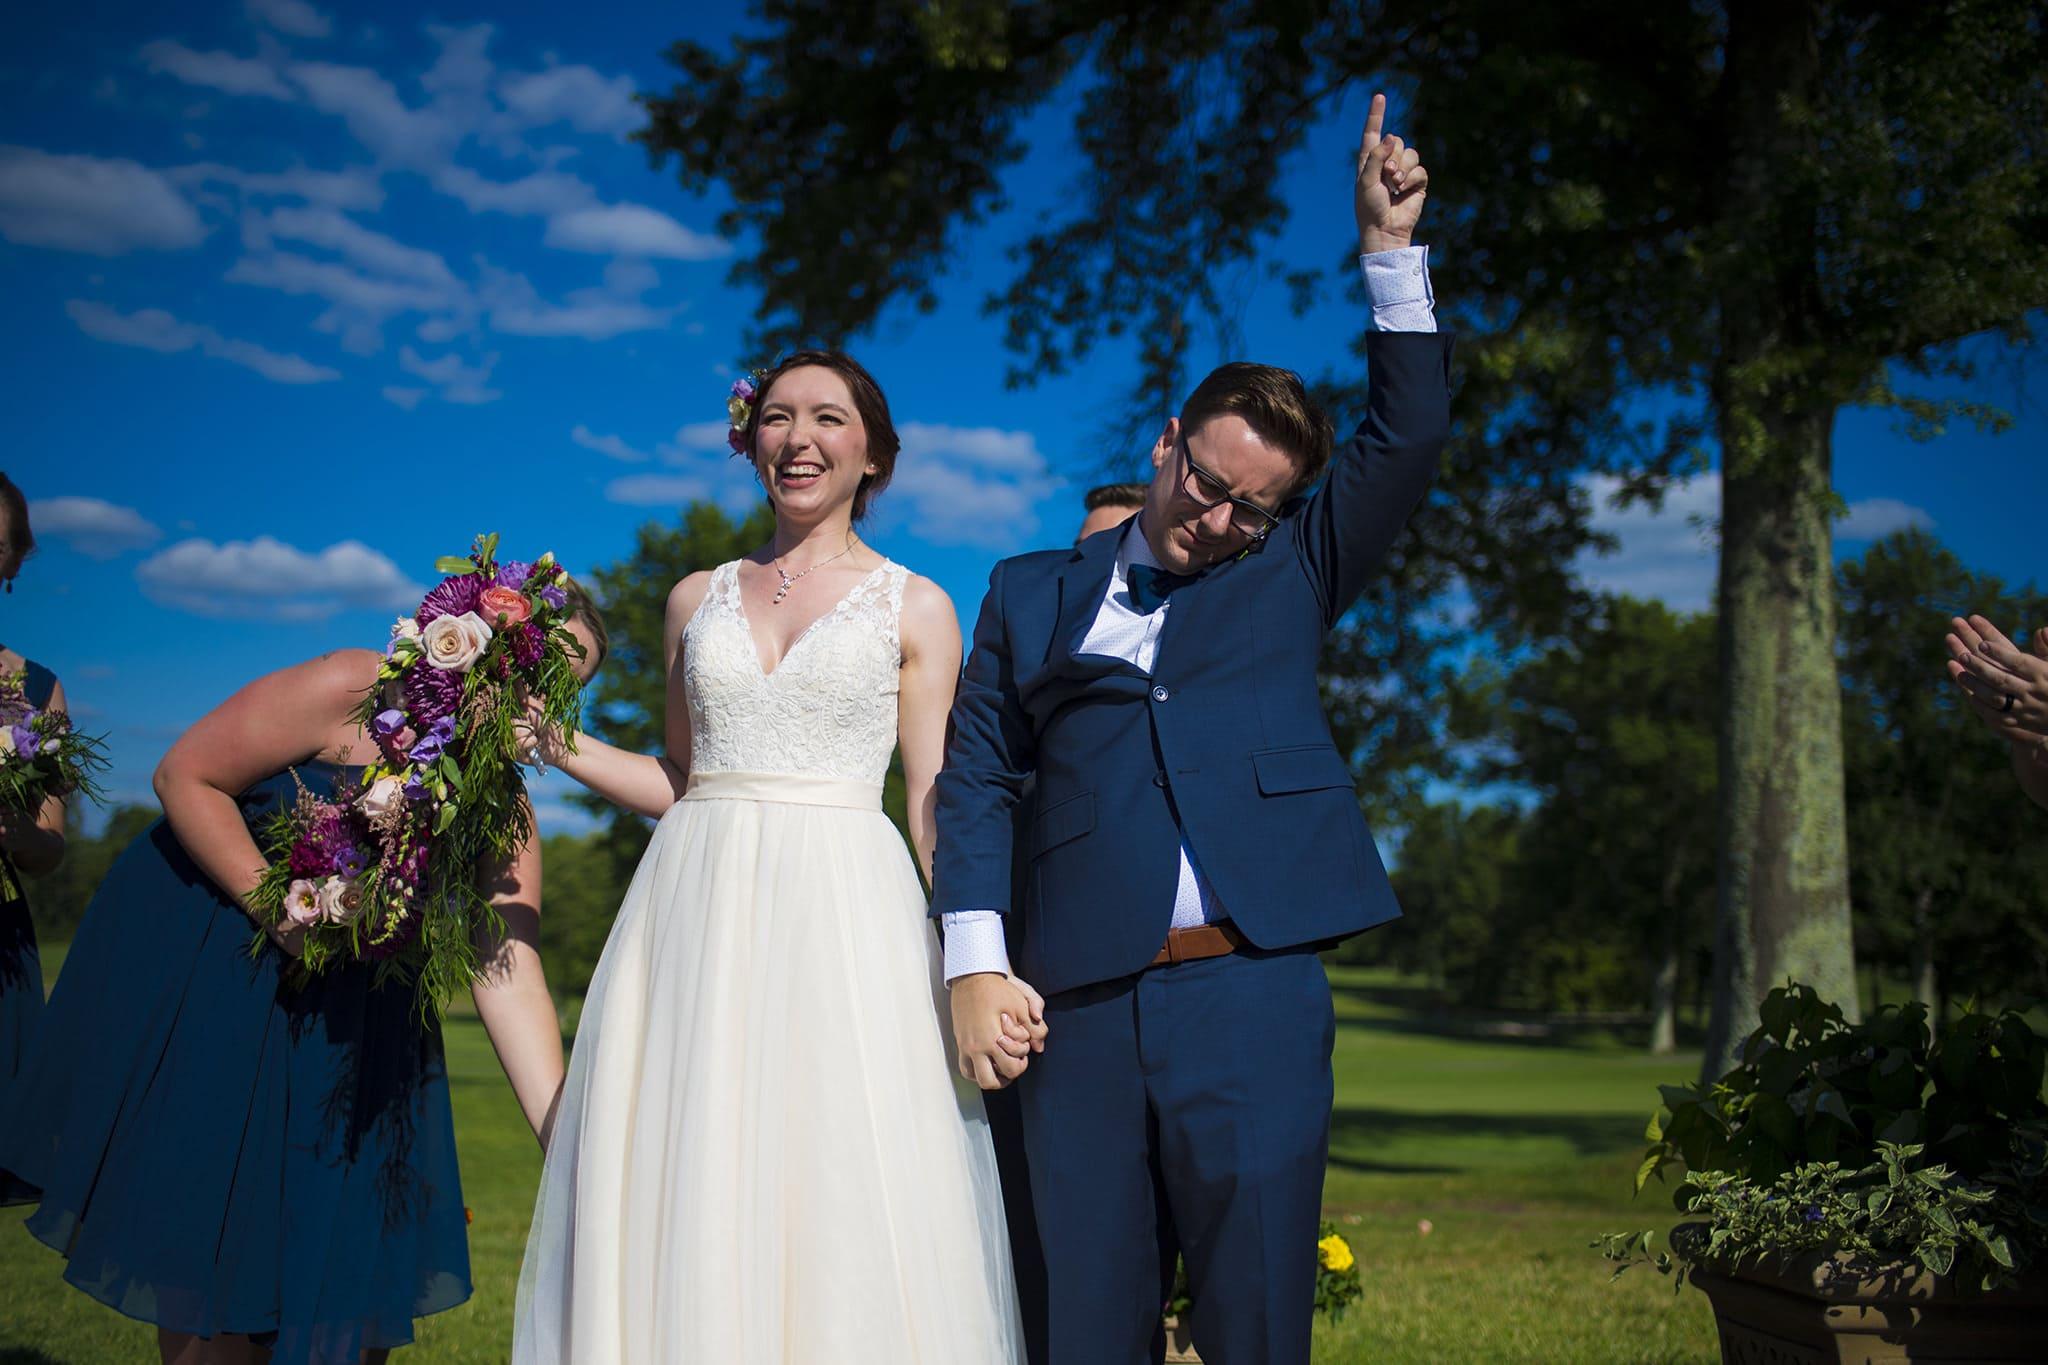 Cincinnati Wedding Venues - Coldstream Country Club Cincinnati - Studio 22 Photography